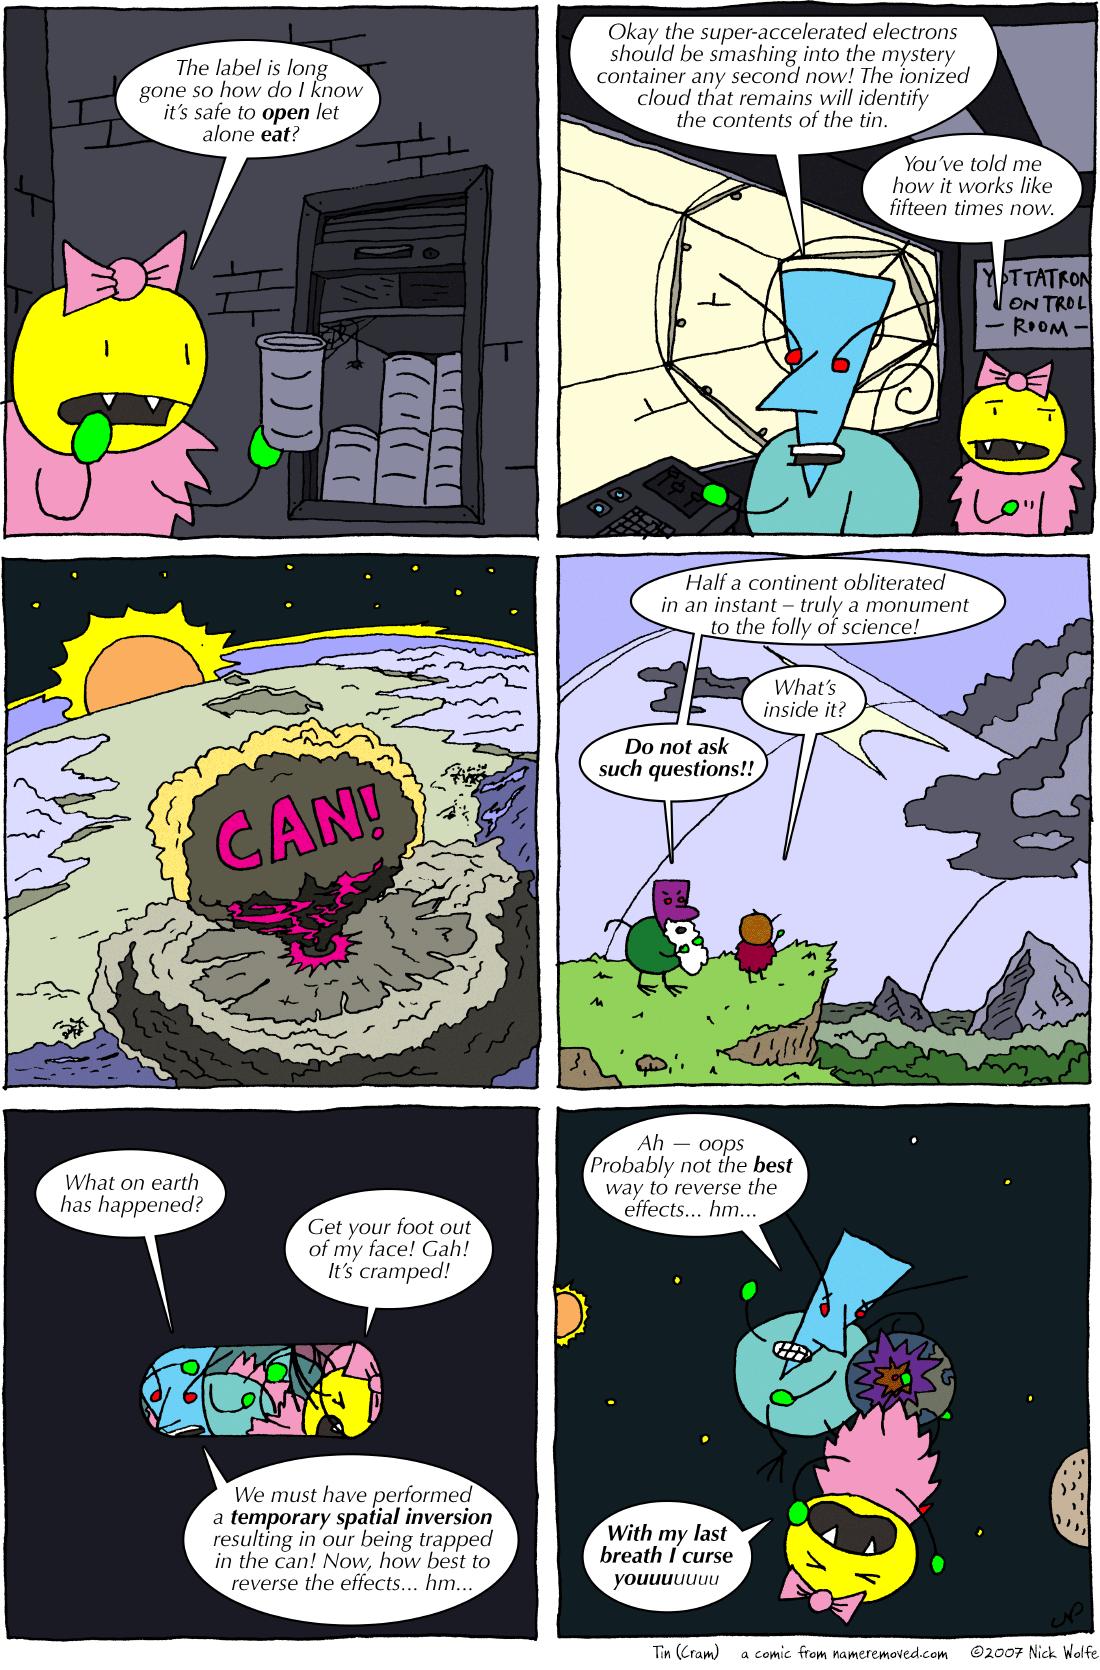 Tin (Cram)